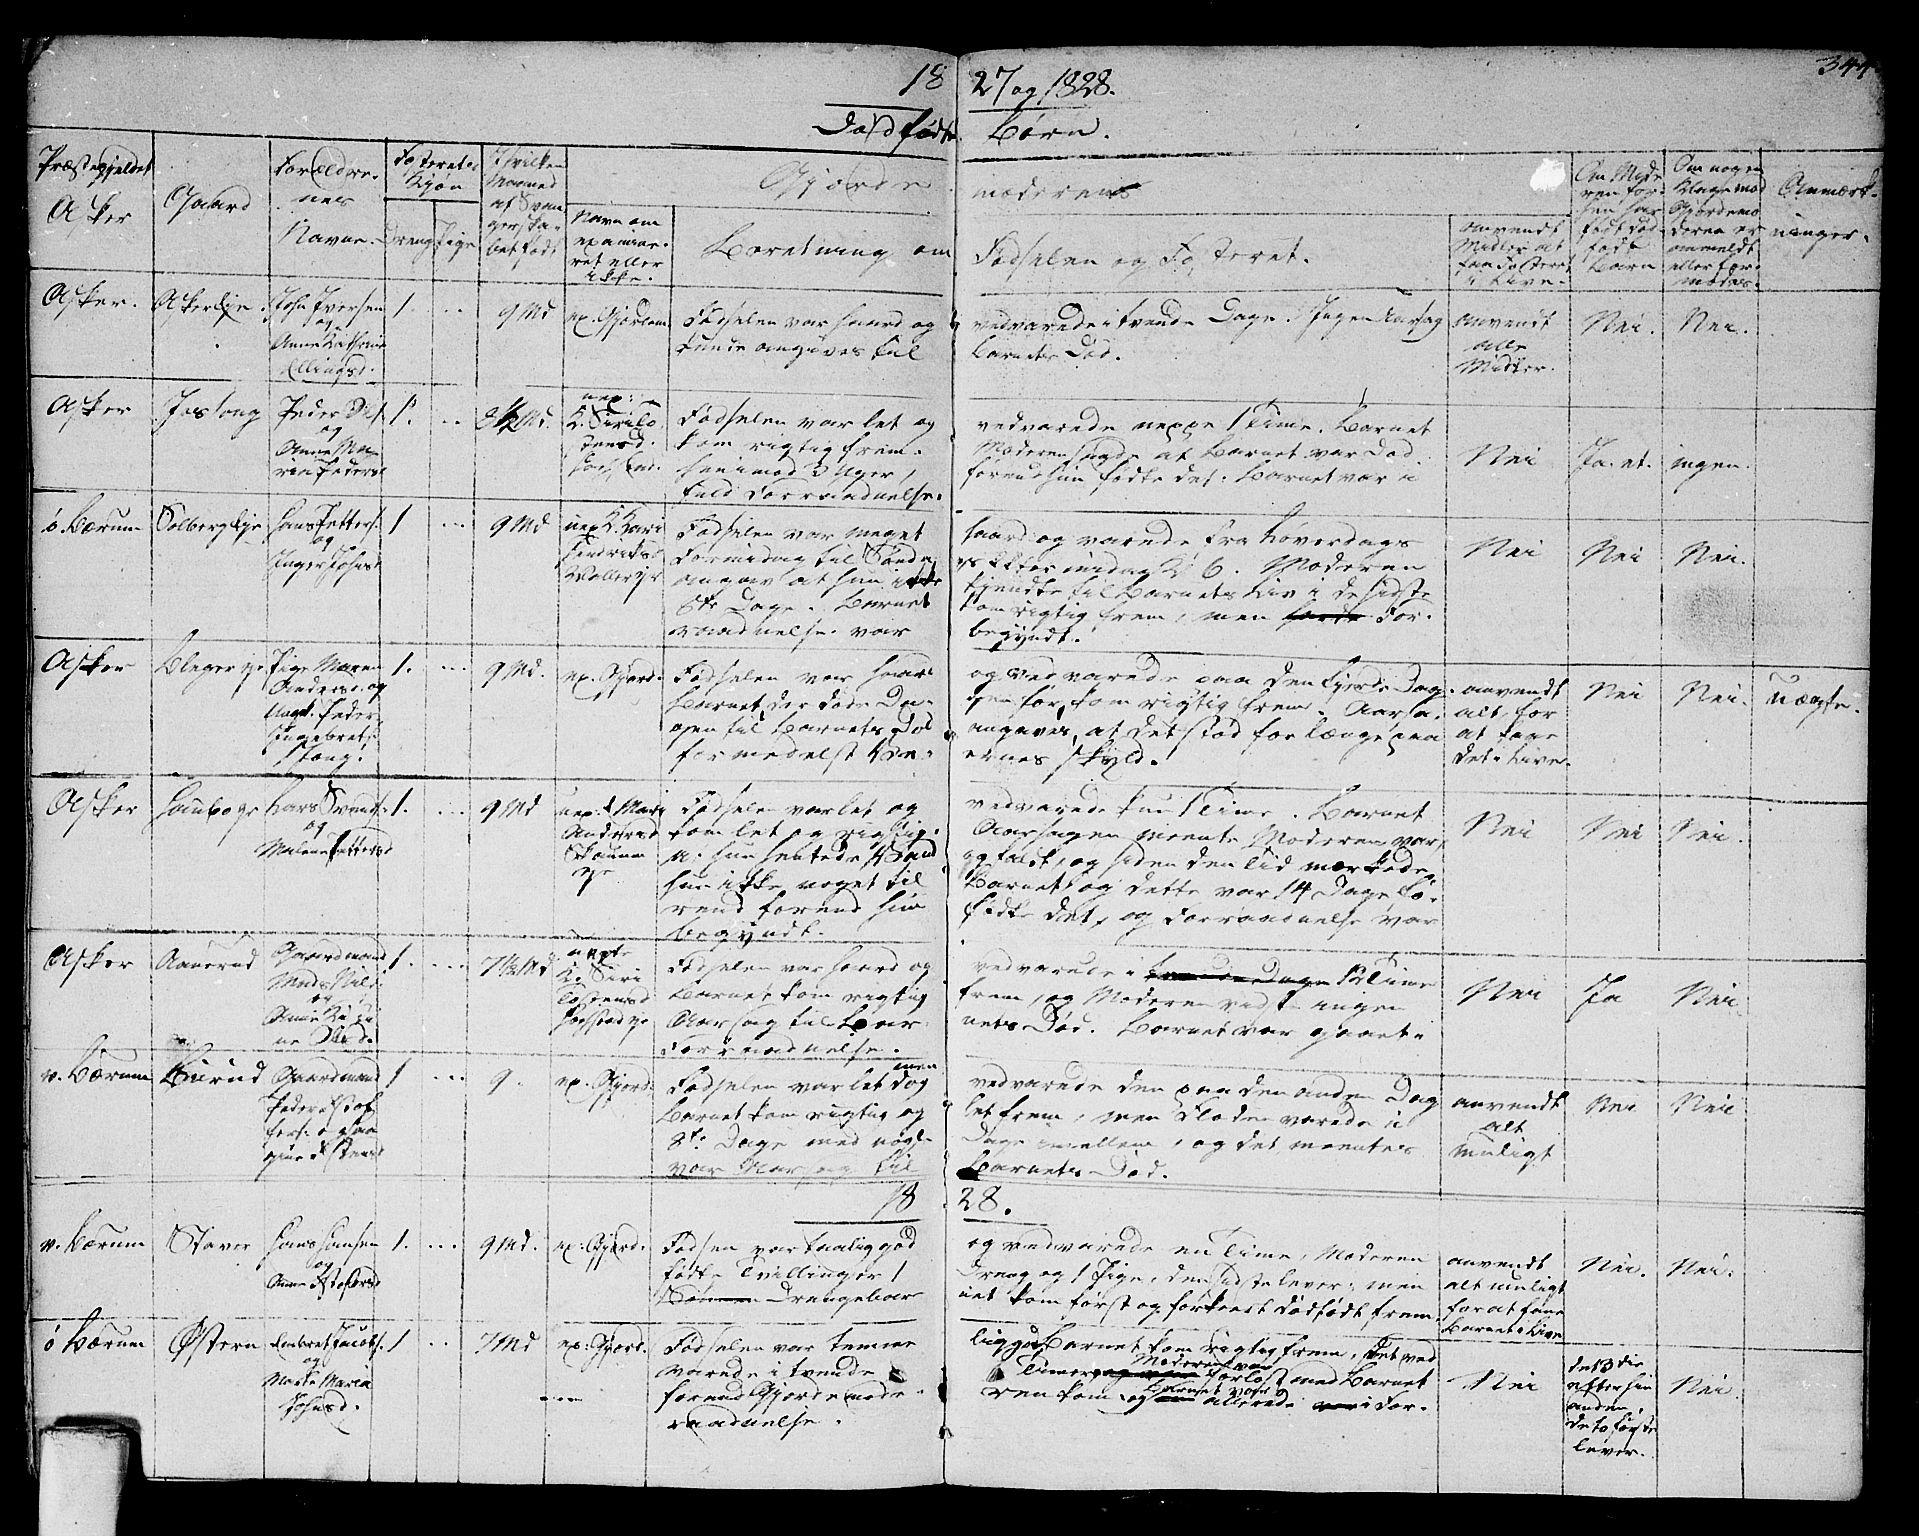 SAO, Asker prestekontor Kirkebøker, F/Fa/L0005: Ministerialbok nr. I 5, 1807-1813, s. 344